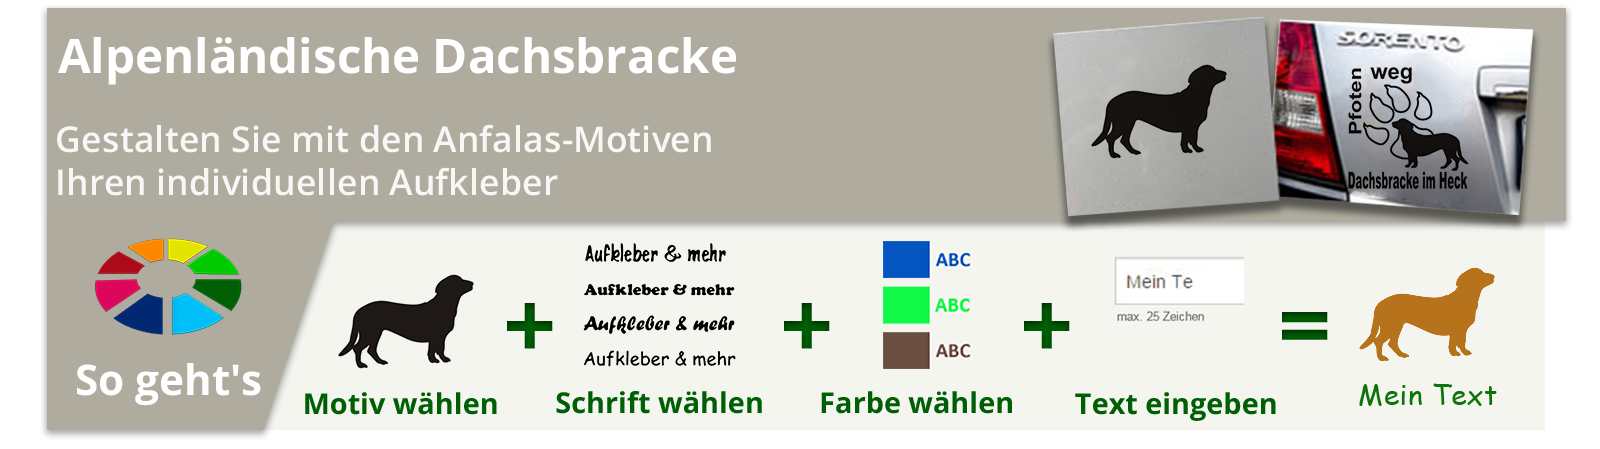 Alpenländische Dachsbracke